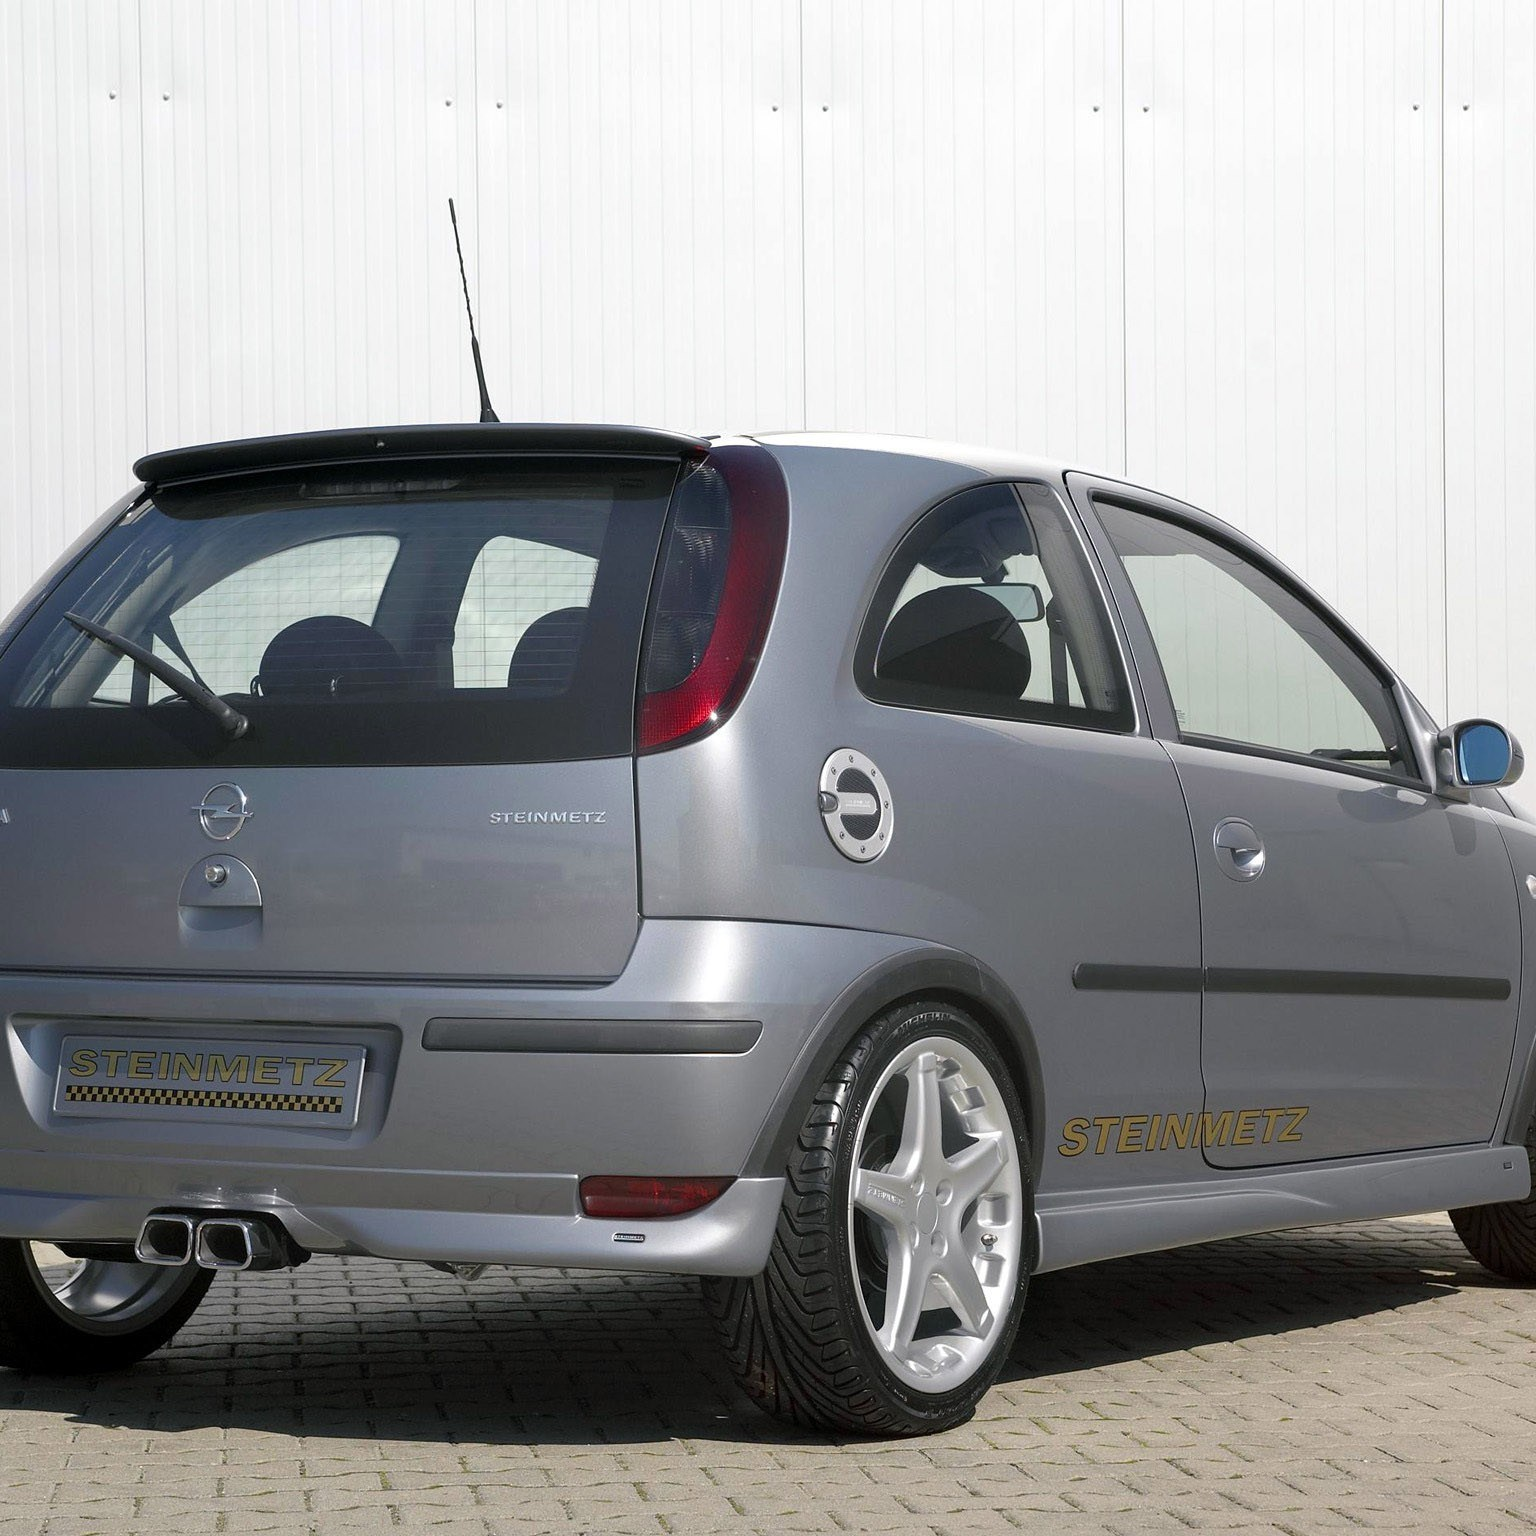 2004 Steinmetz Opel Corsa D 3 Portes